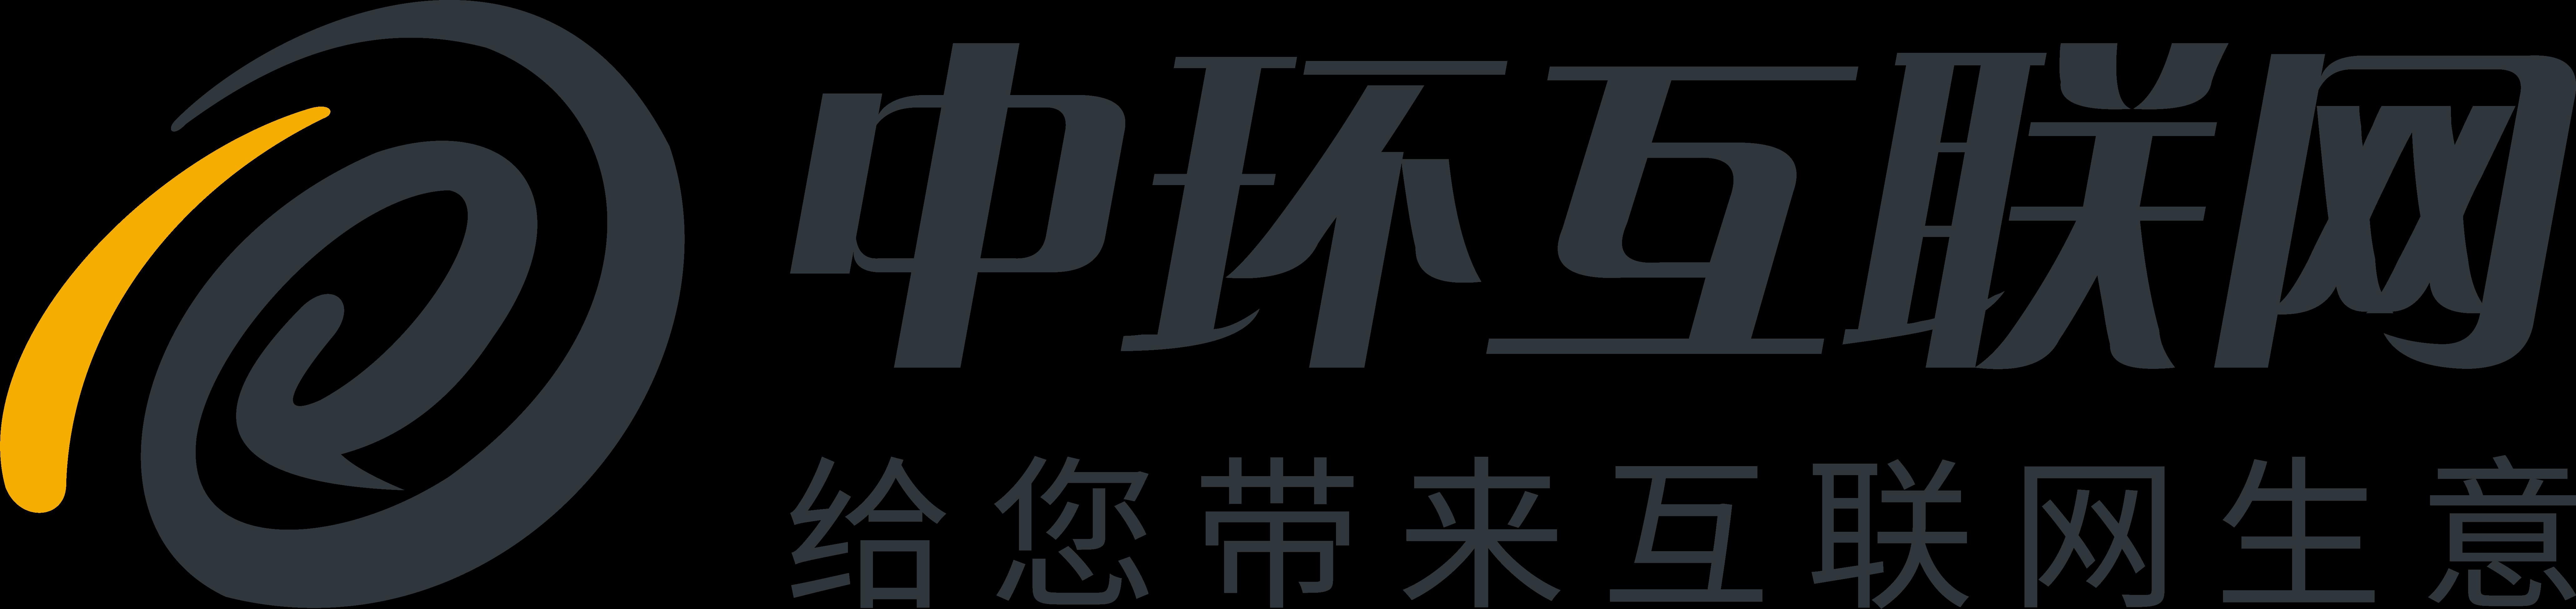 QQ20190228-0.png